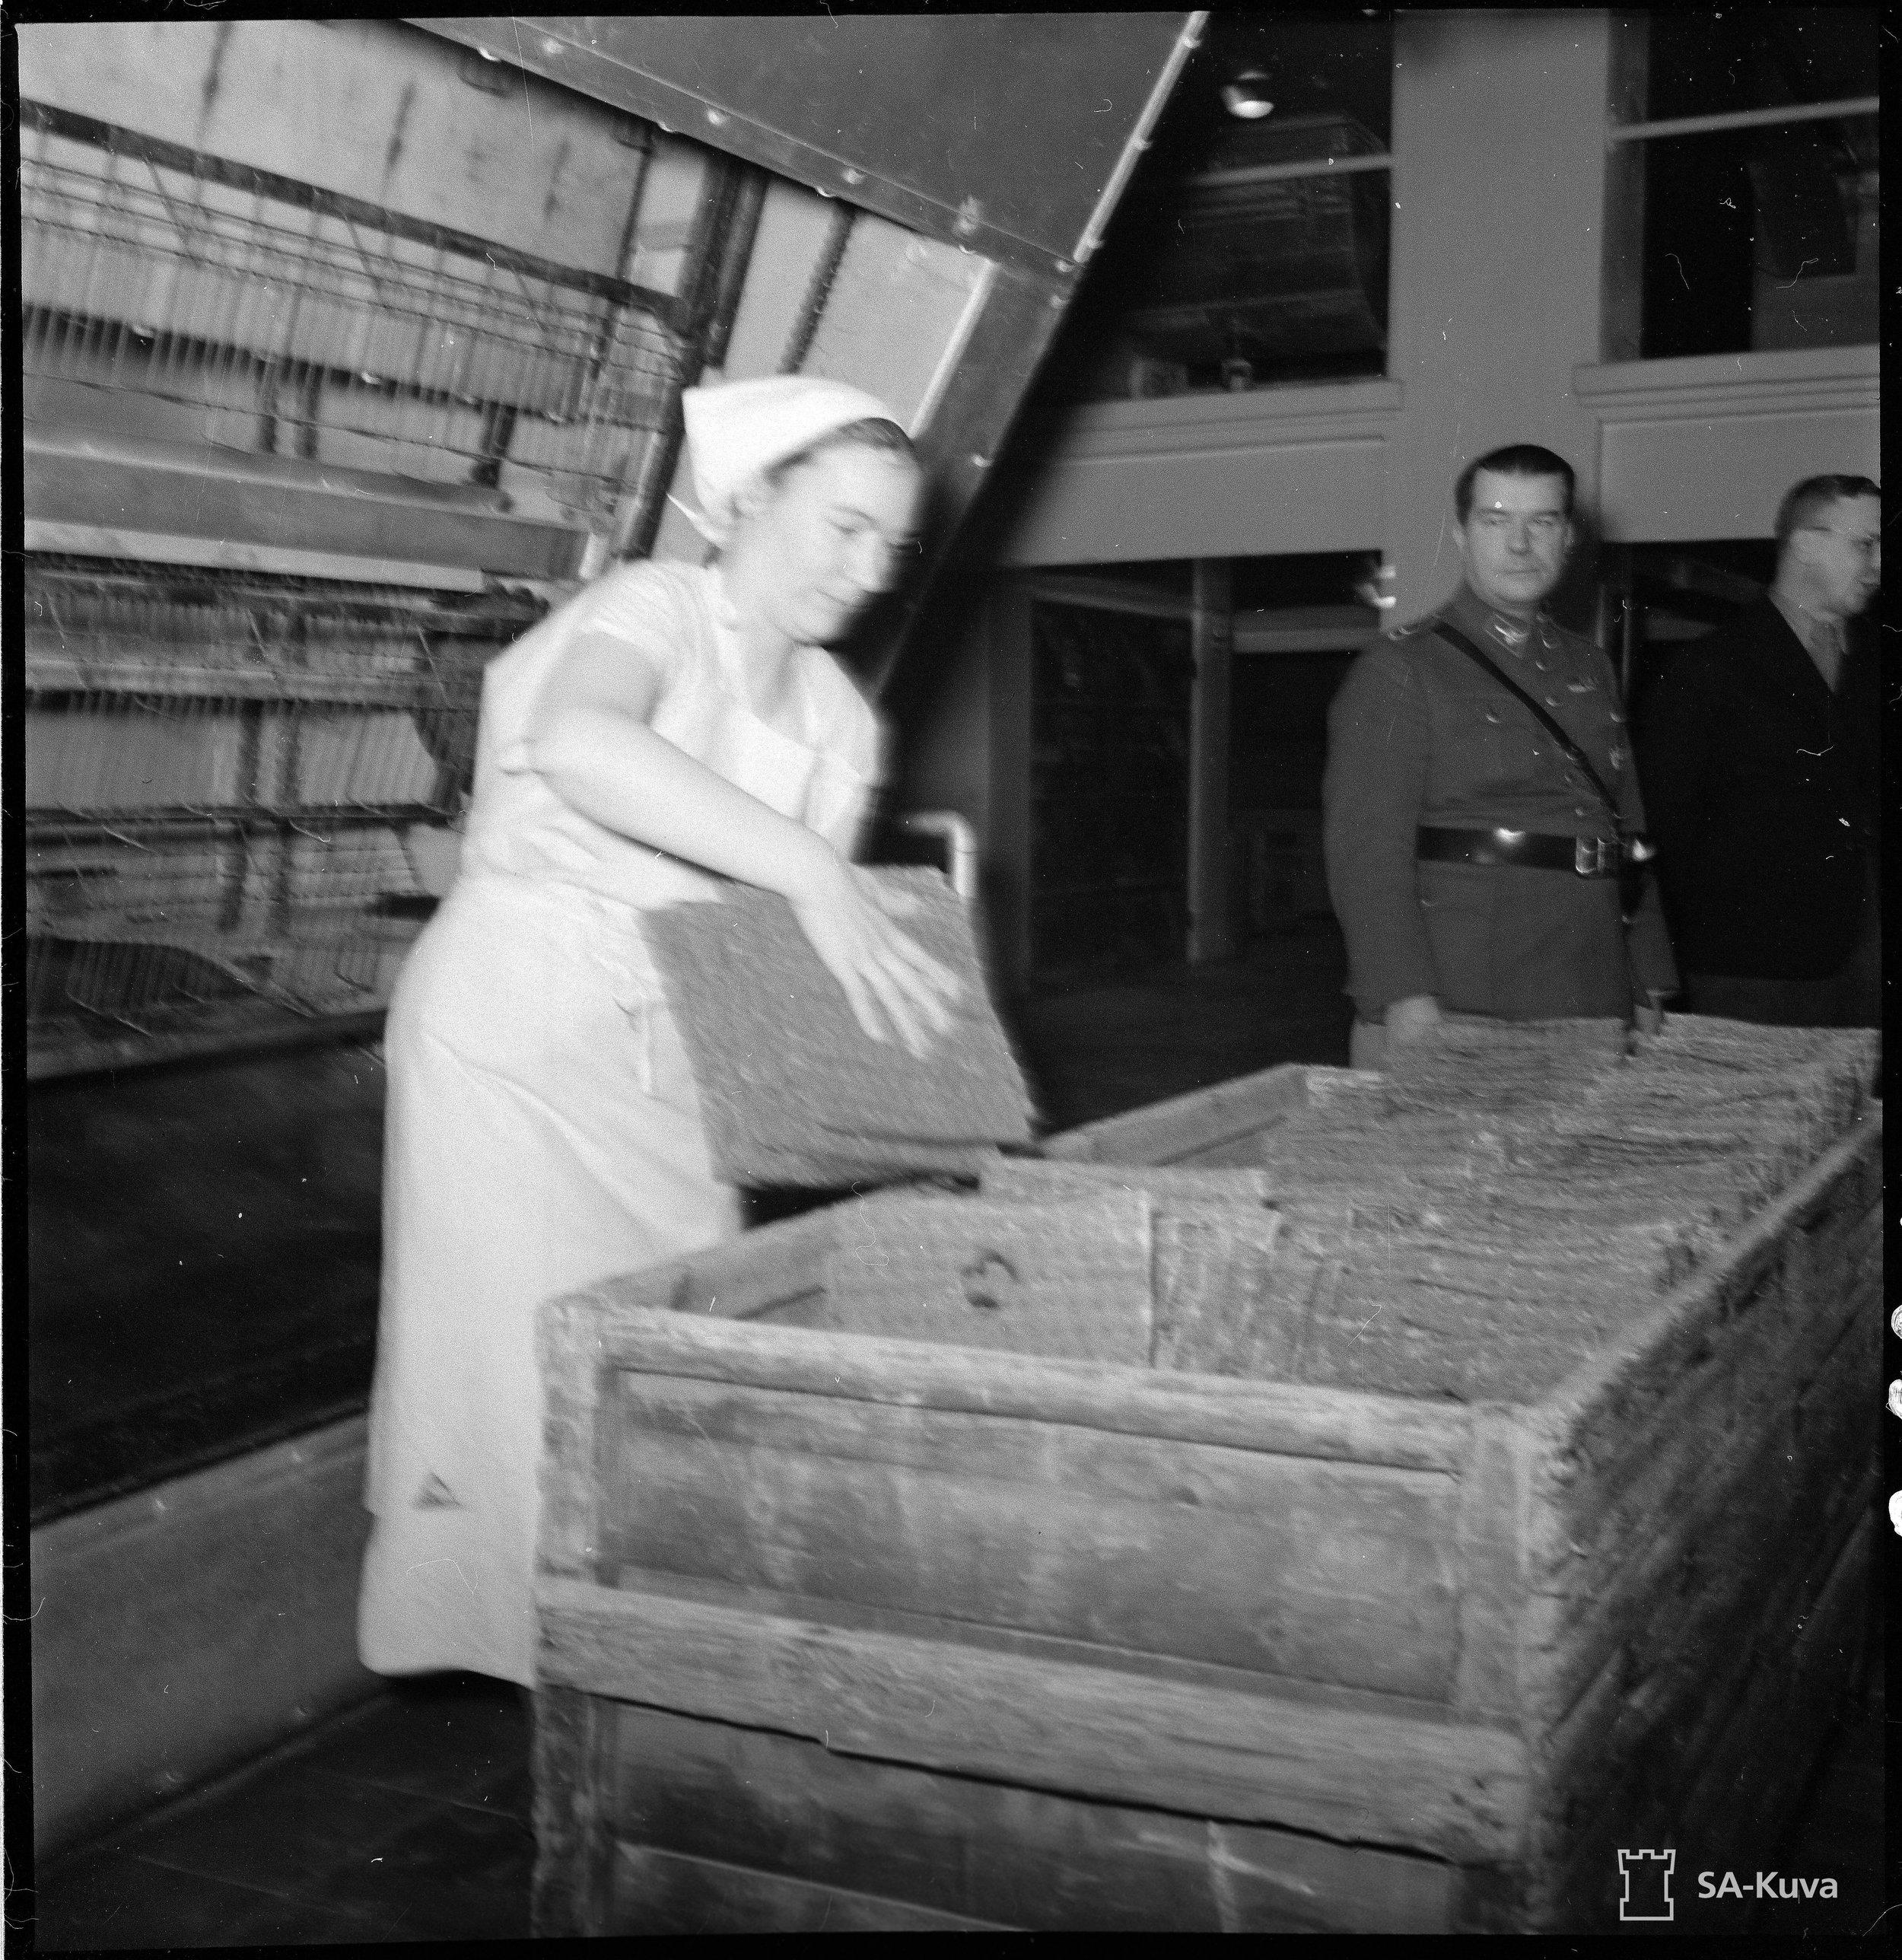 Sota-aikaista leipää. SA-kuva.